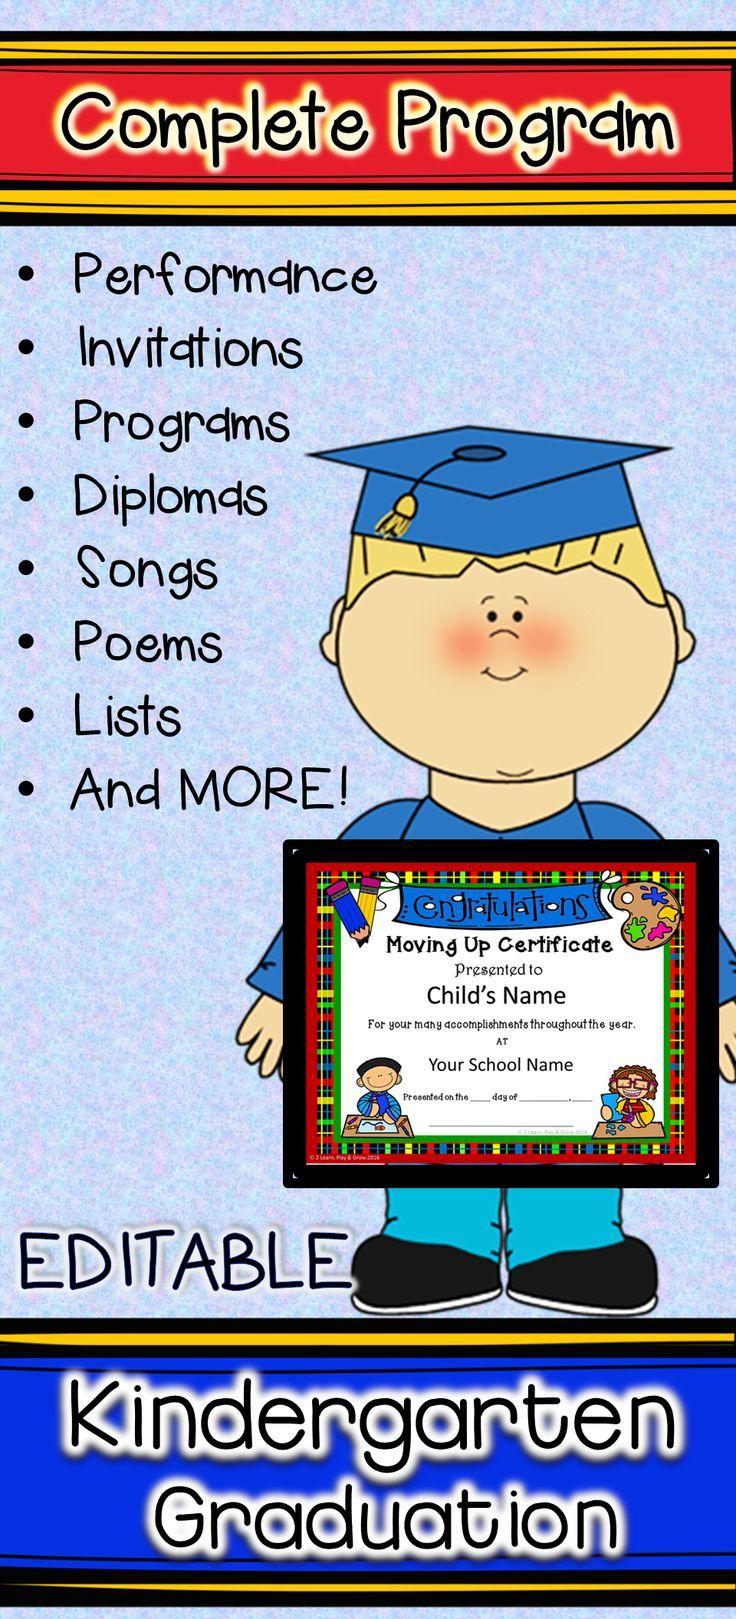 Scrapbook ideas kindergarten - Complete Kindergarten Graduation Program With Diplomas Certificates Instructions Scripts Ideas For Props